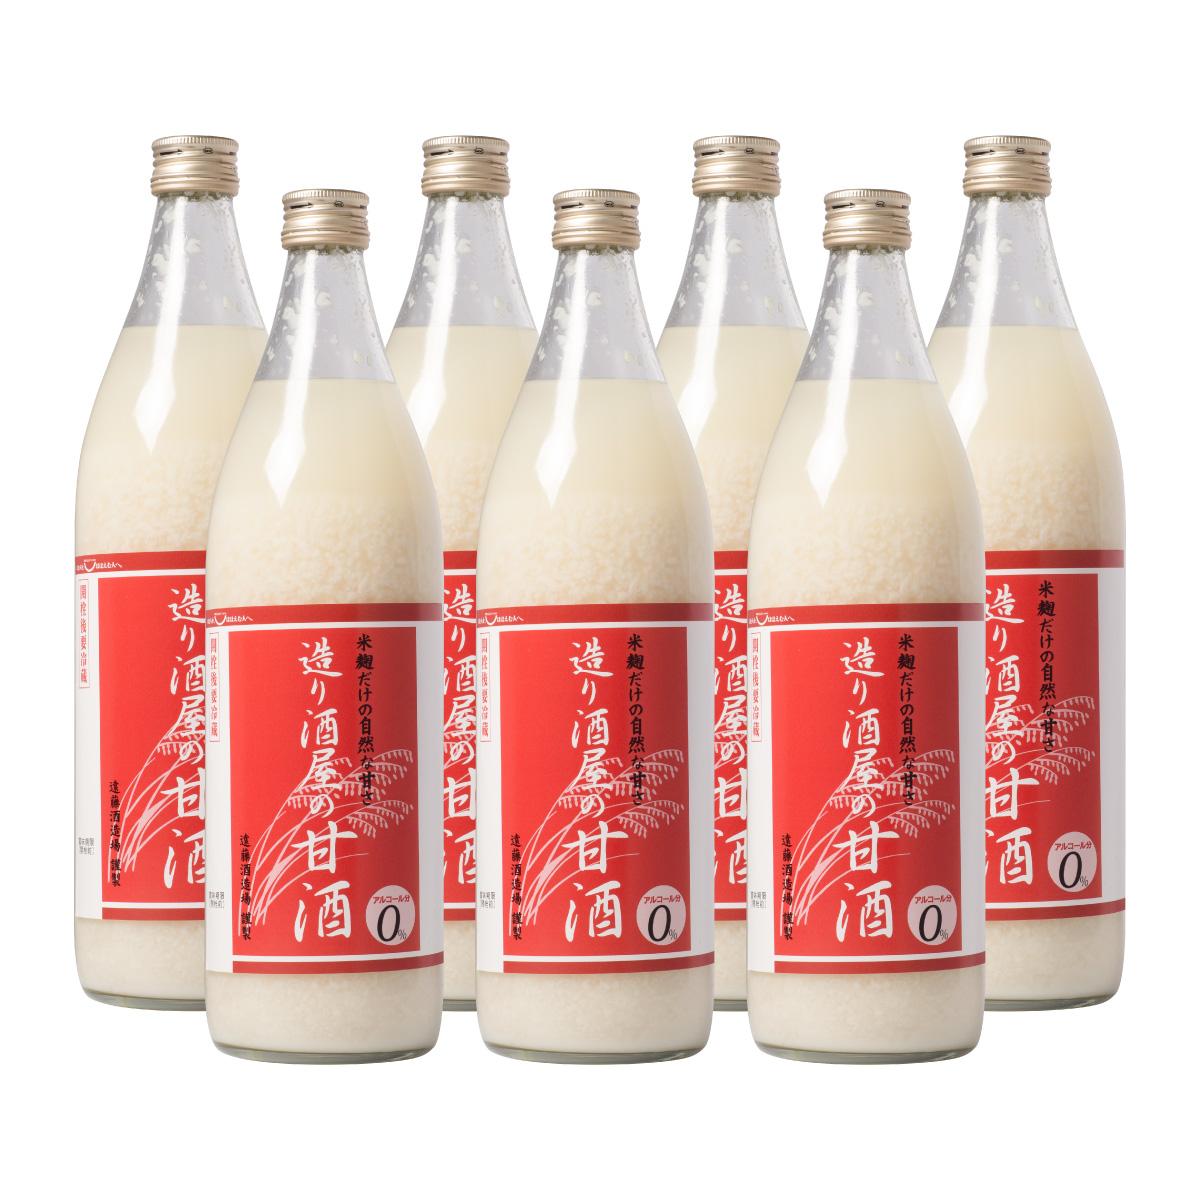 【ふるさと納税】造り酒屋の甘酒(無添加)900ml7本セット 【飲料・あまざけ】